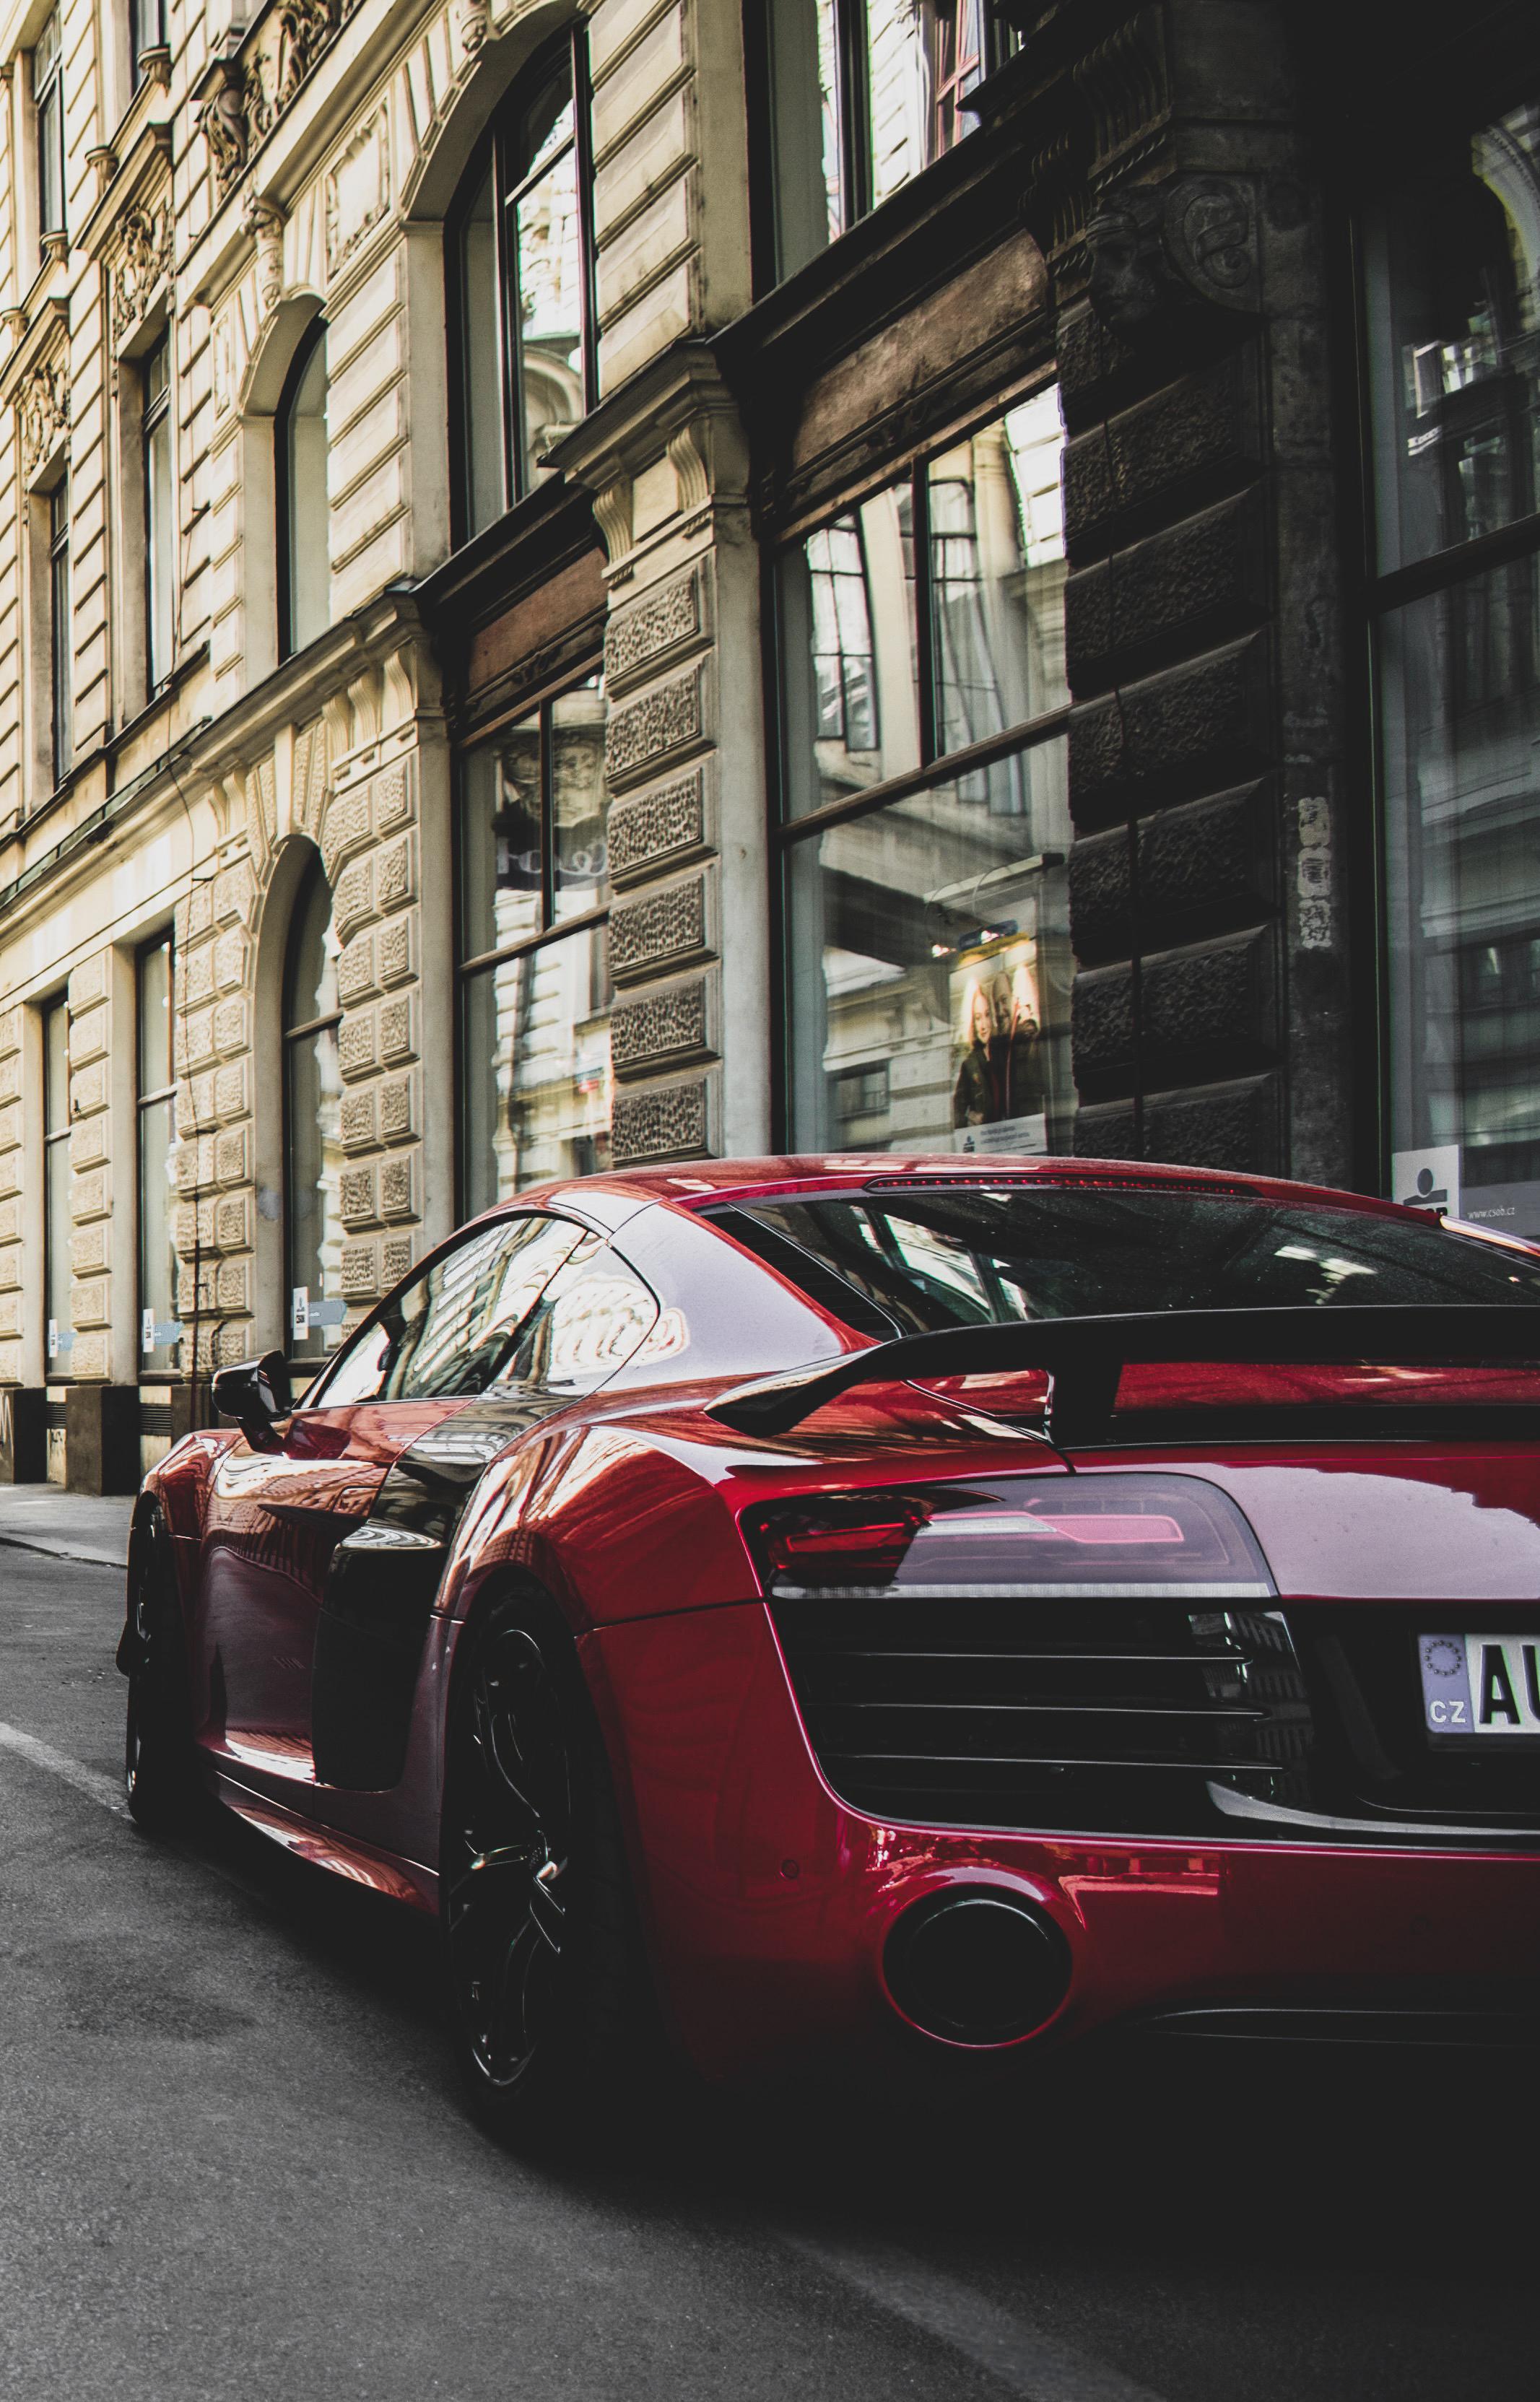 Luxury Pictures Pexels Free Stock Photos